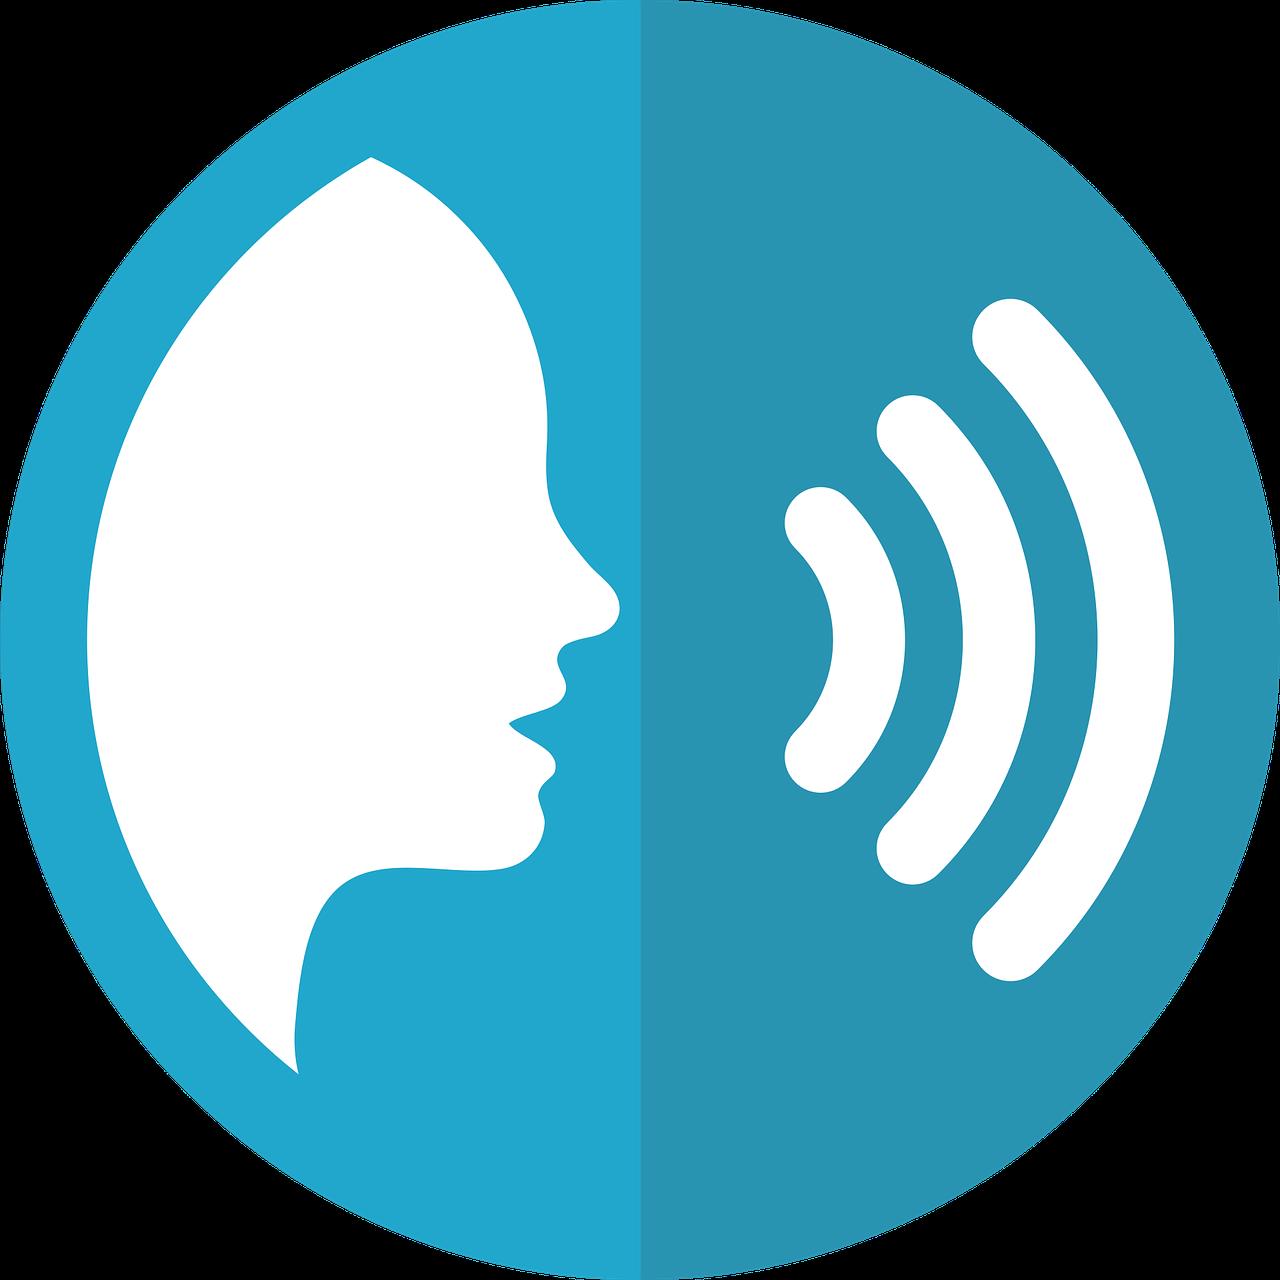 【無料で学べる】東大式記憶術ケアマネ試験一発合格脳学習法